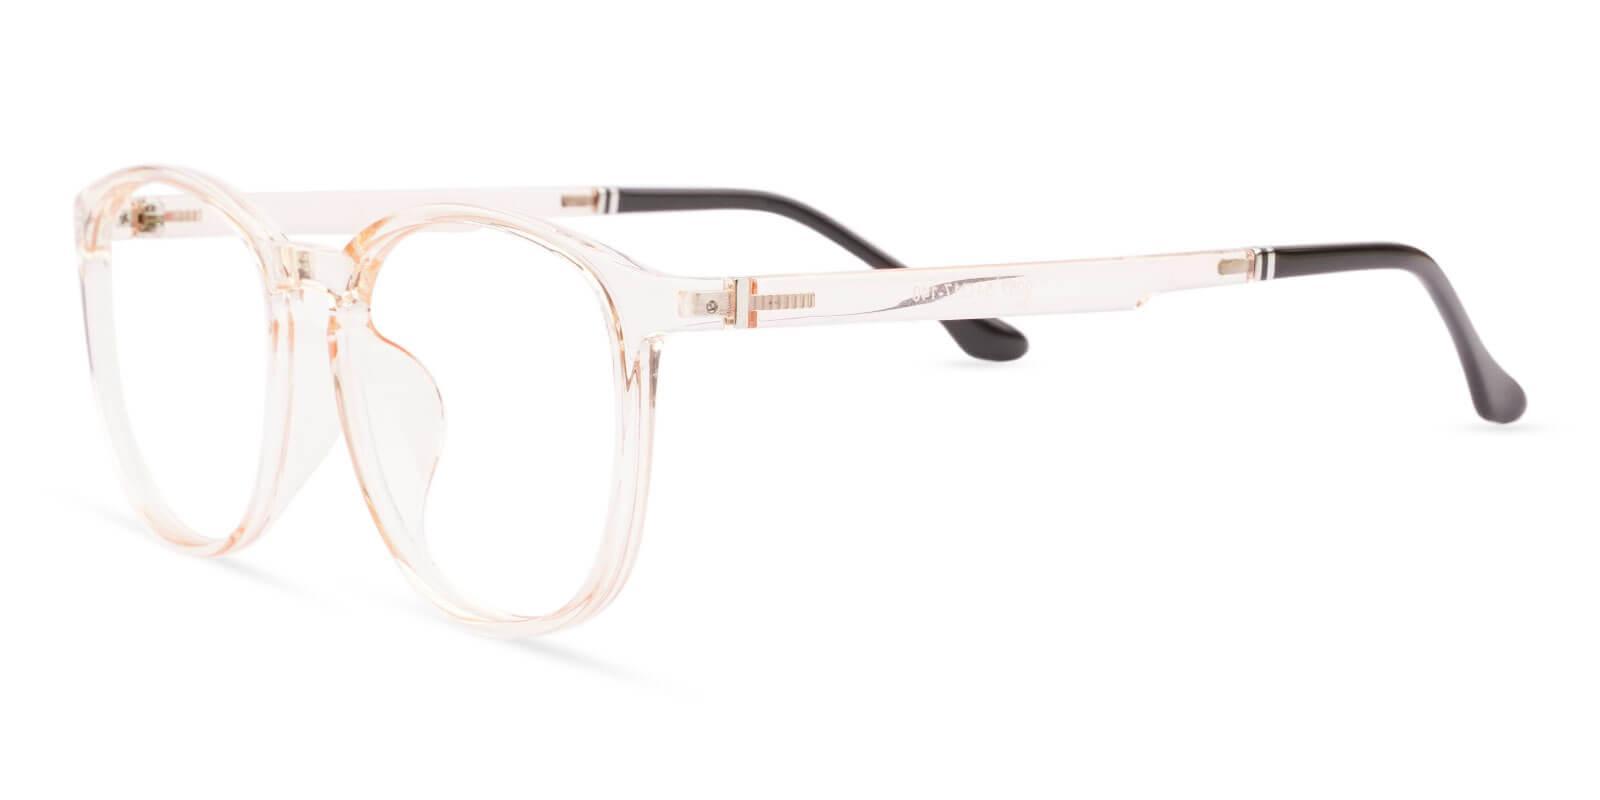 Hailey Orange TR Eyeglasses , UniversalBridgeFit Frames from ABBE Glasses